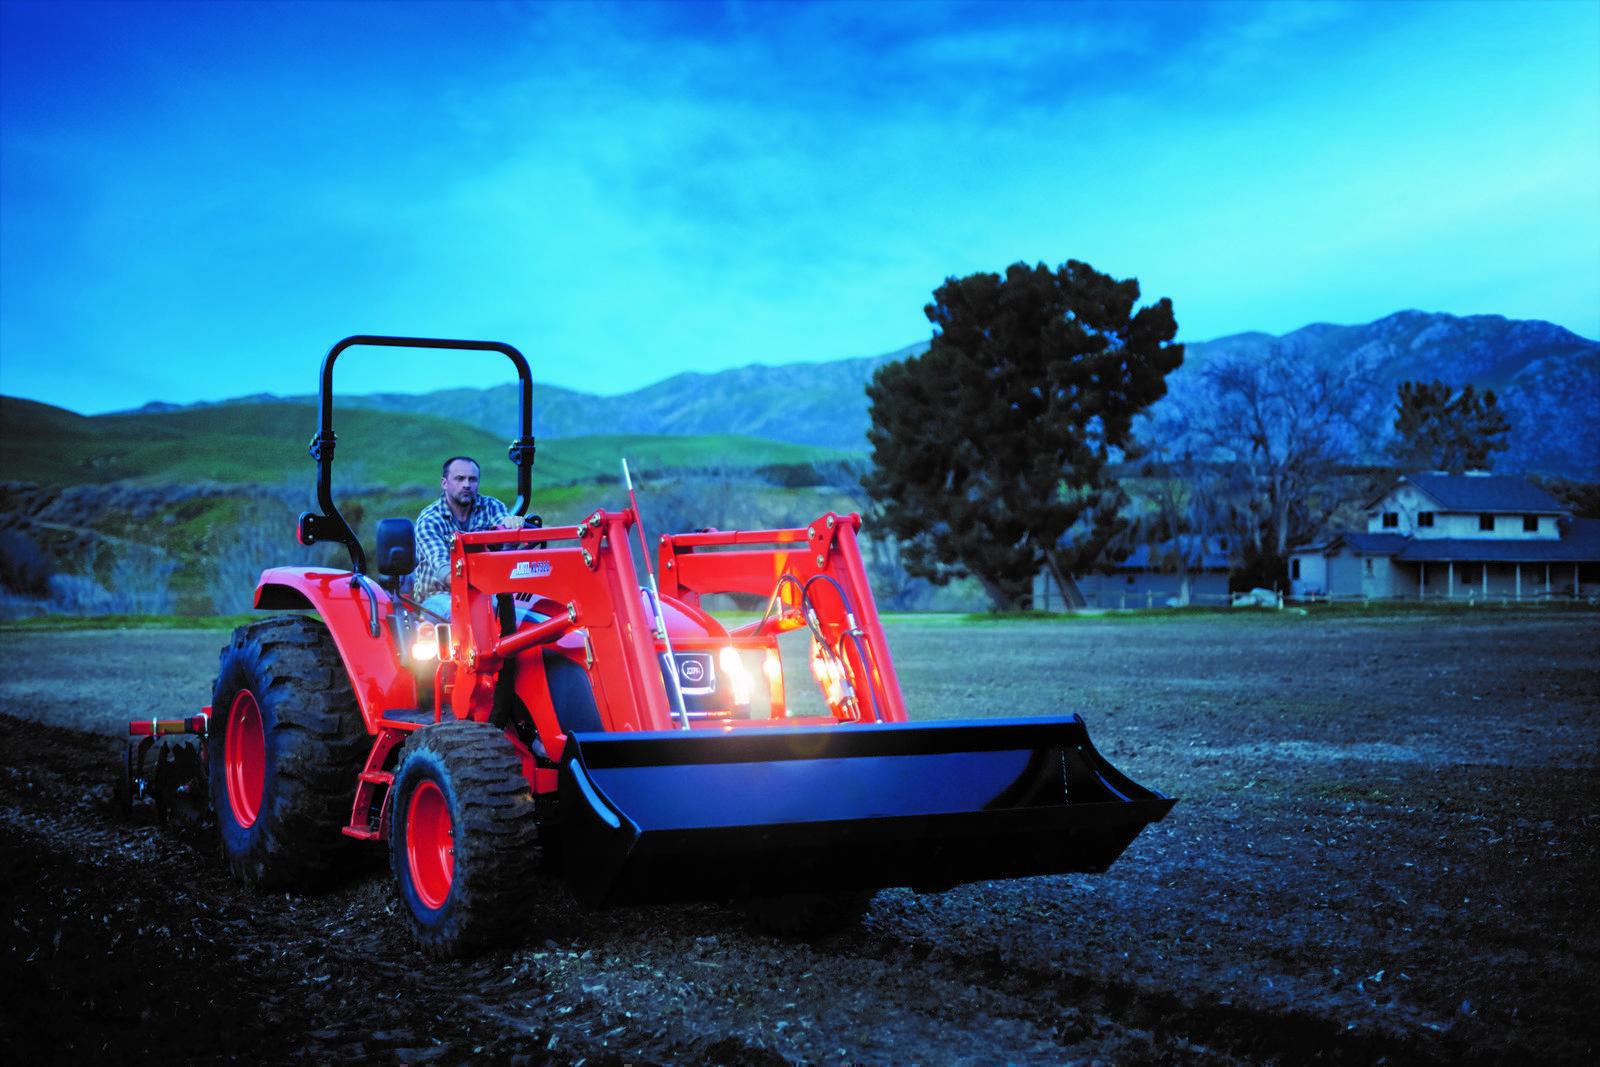 2019 KIOTI RX7320 Powershuttle 73HP Tractor Package Flex Wing Bush Hog  $5,000 Rebate!